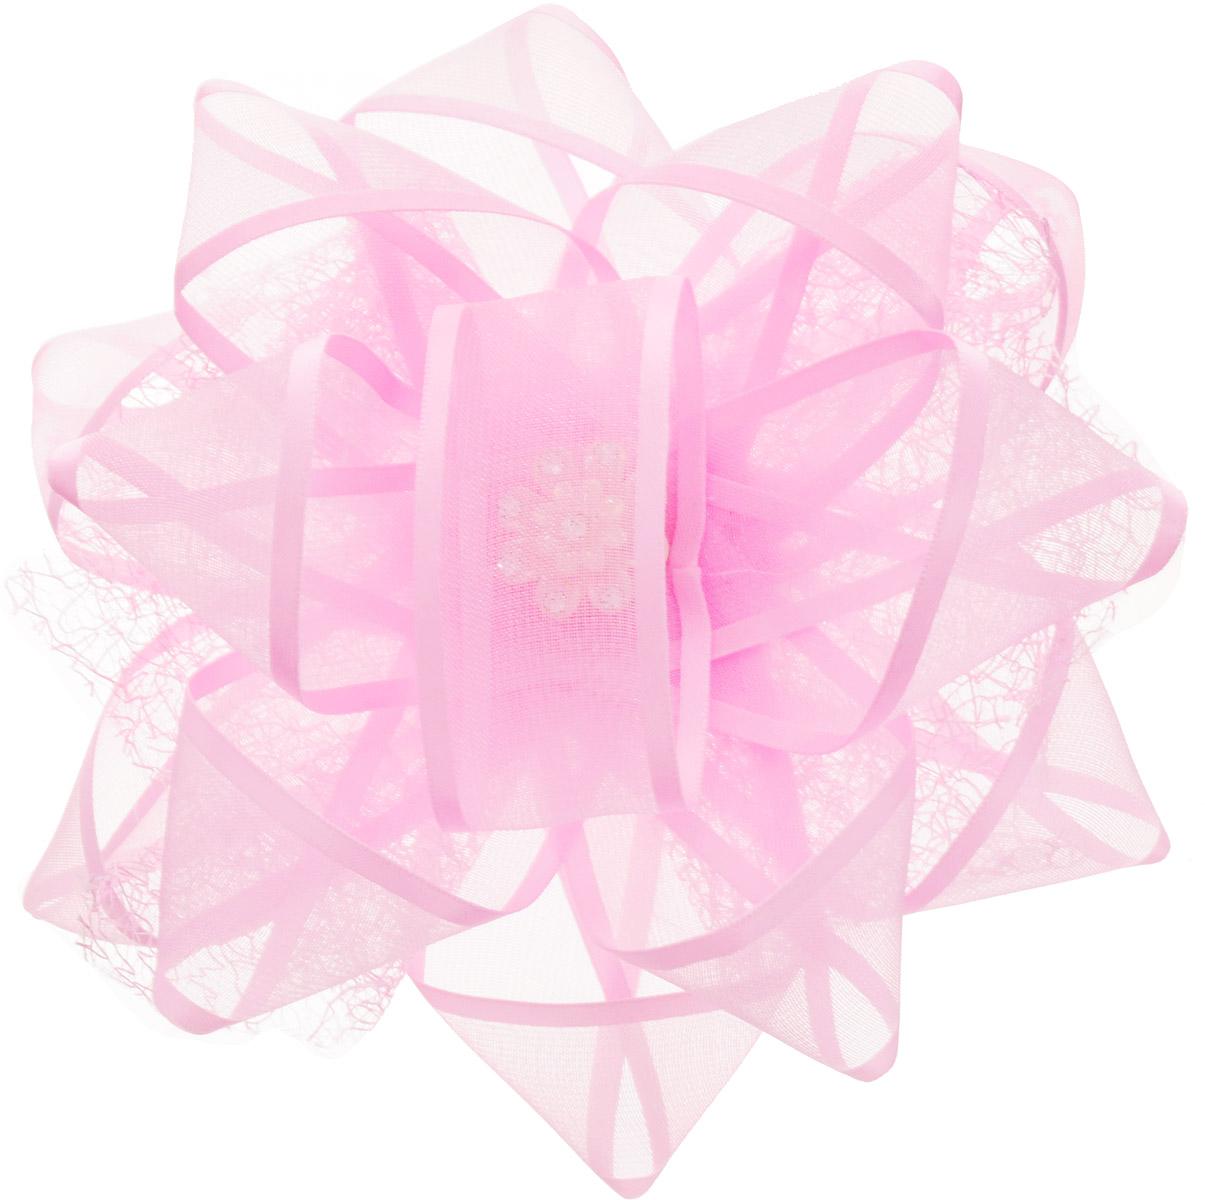 Baby's Joy Бант для волос цвет розовый MN 203 baby s joy резинка для волос цвет розовый 2 шт mn 143 2